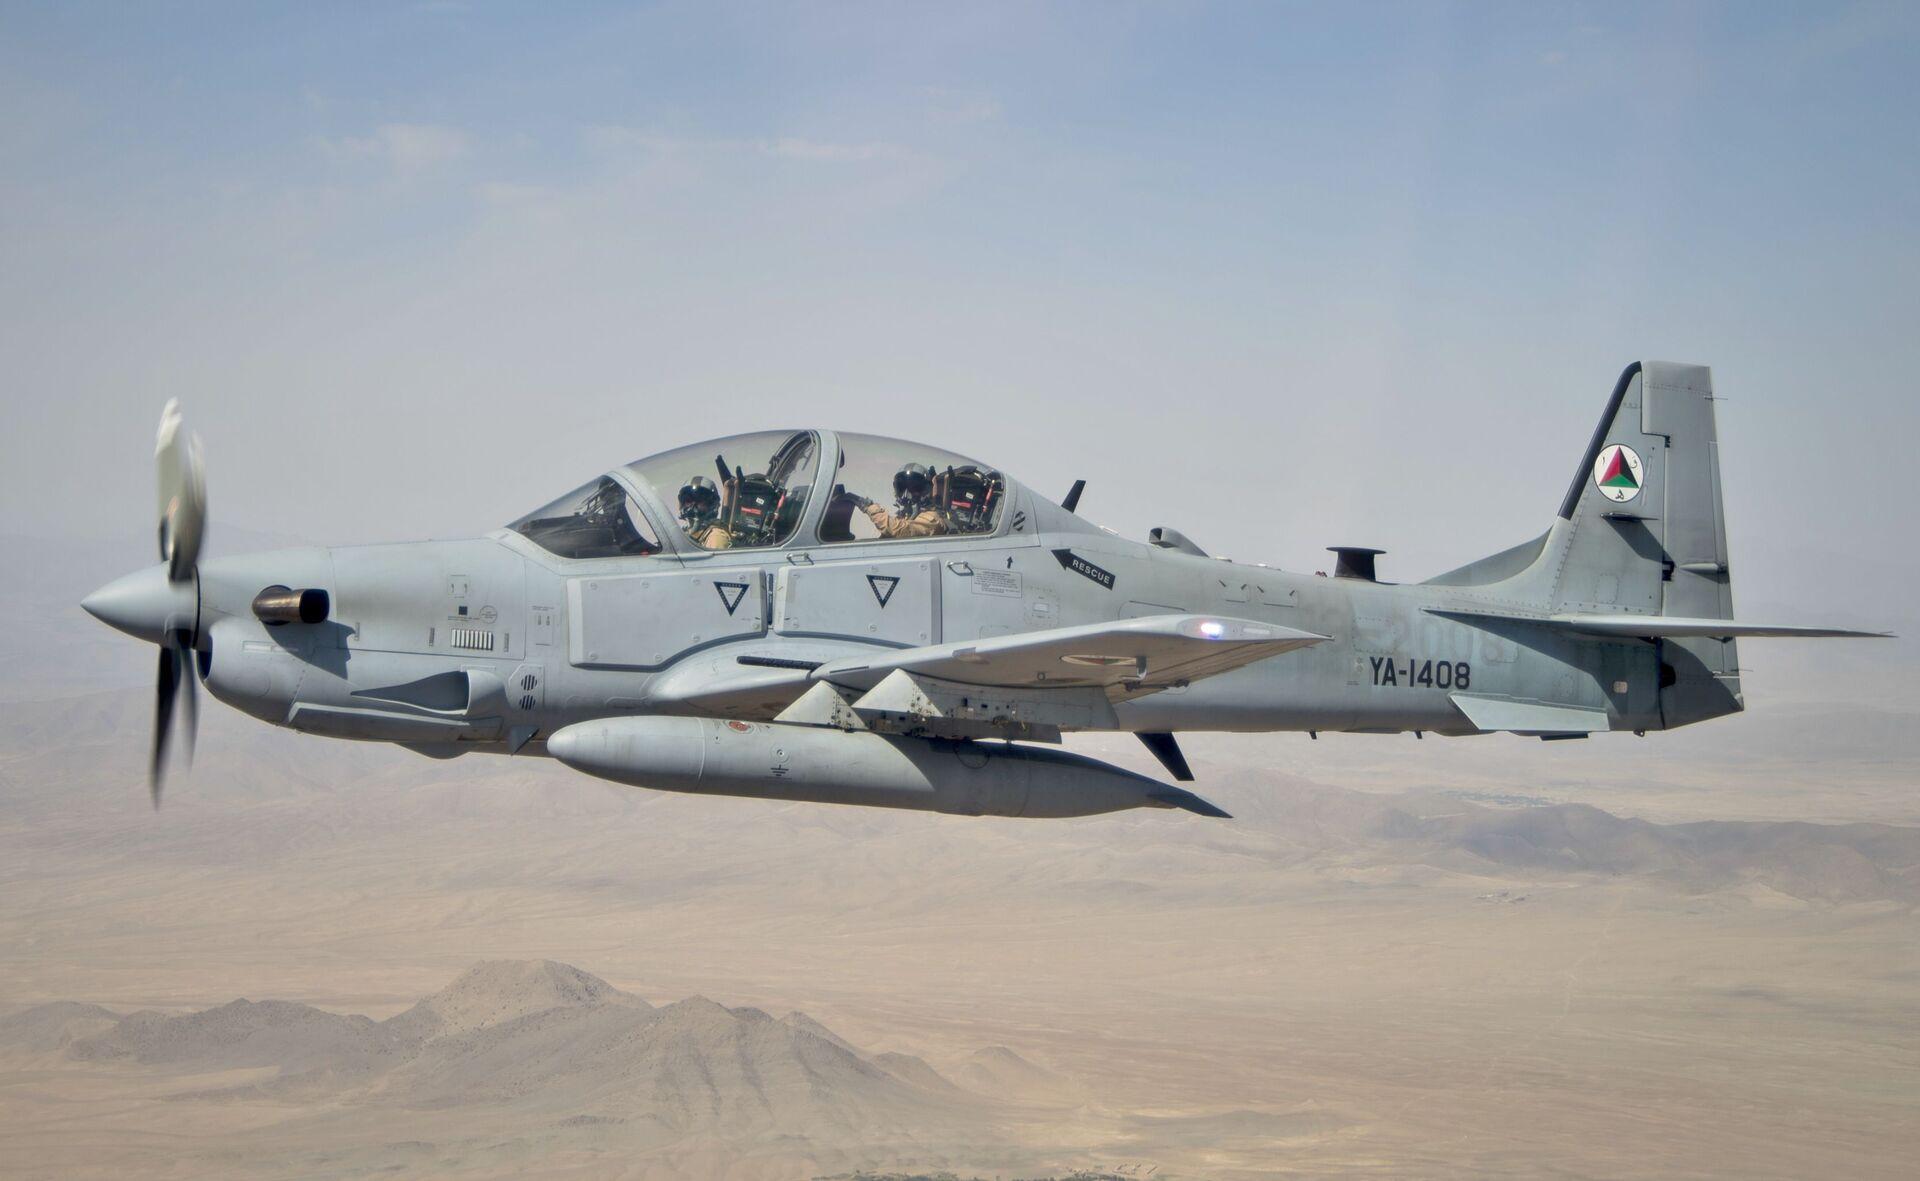 Un A-29 Super Tucano de construction américaine, ici opéré par l'armée nationale afghane en 2016. Six de ces aéronefs ont été transférés des États-Unis à l'Afghanistan au second trimestre de 2021 et ont probablement été récupérés par les Talibans* lorsque ceux-ci ont repris le pouvoir en août 2021.  - Sputnik France, 1920, 21.09.2021